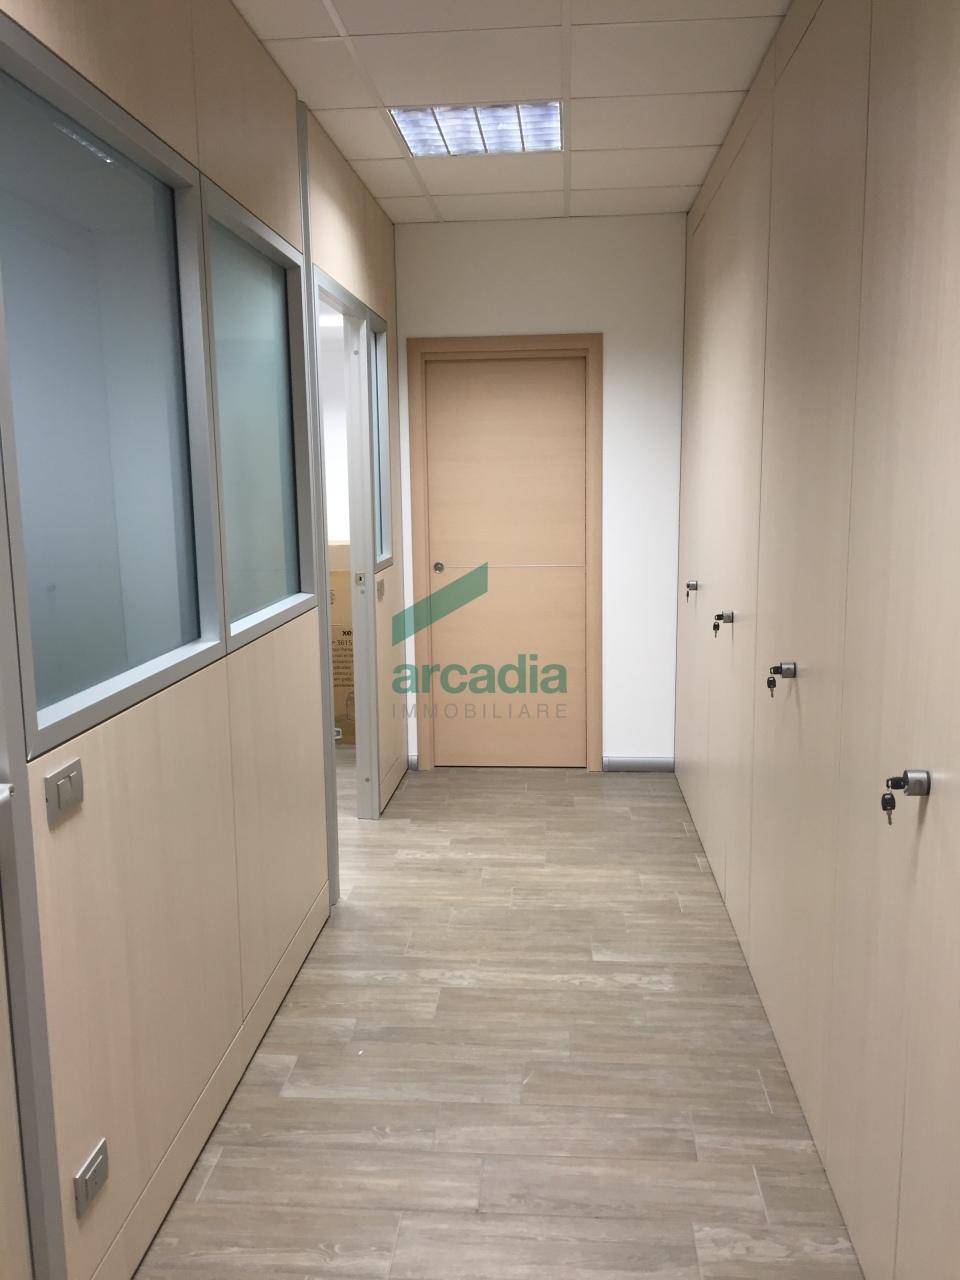 Ufficio / Studio in affitto a Modugno, 4 locali, prezzo € 1.000 | Cambio Casa.it